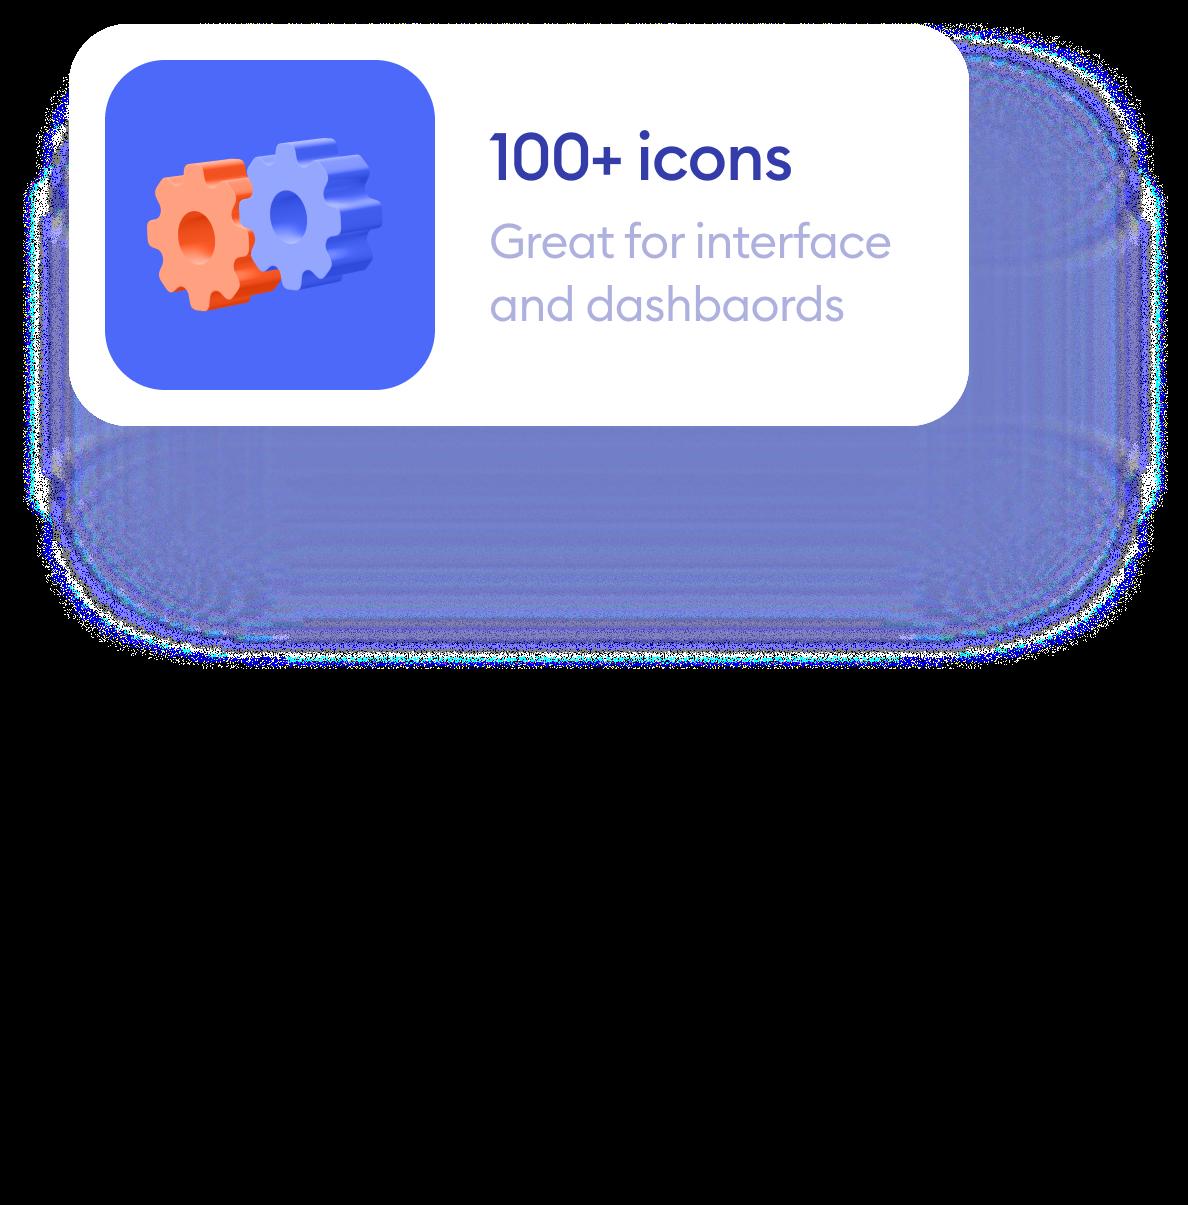 100+ icons